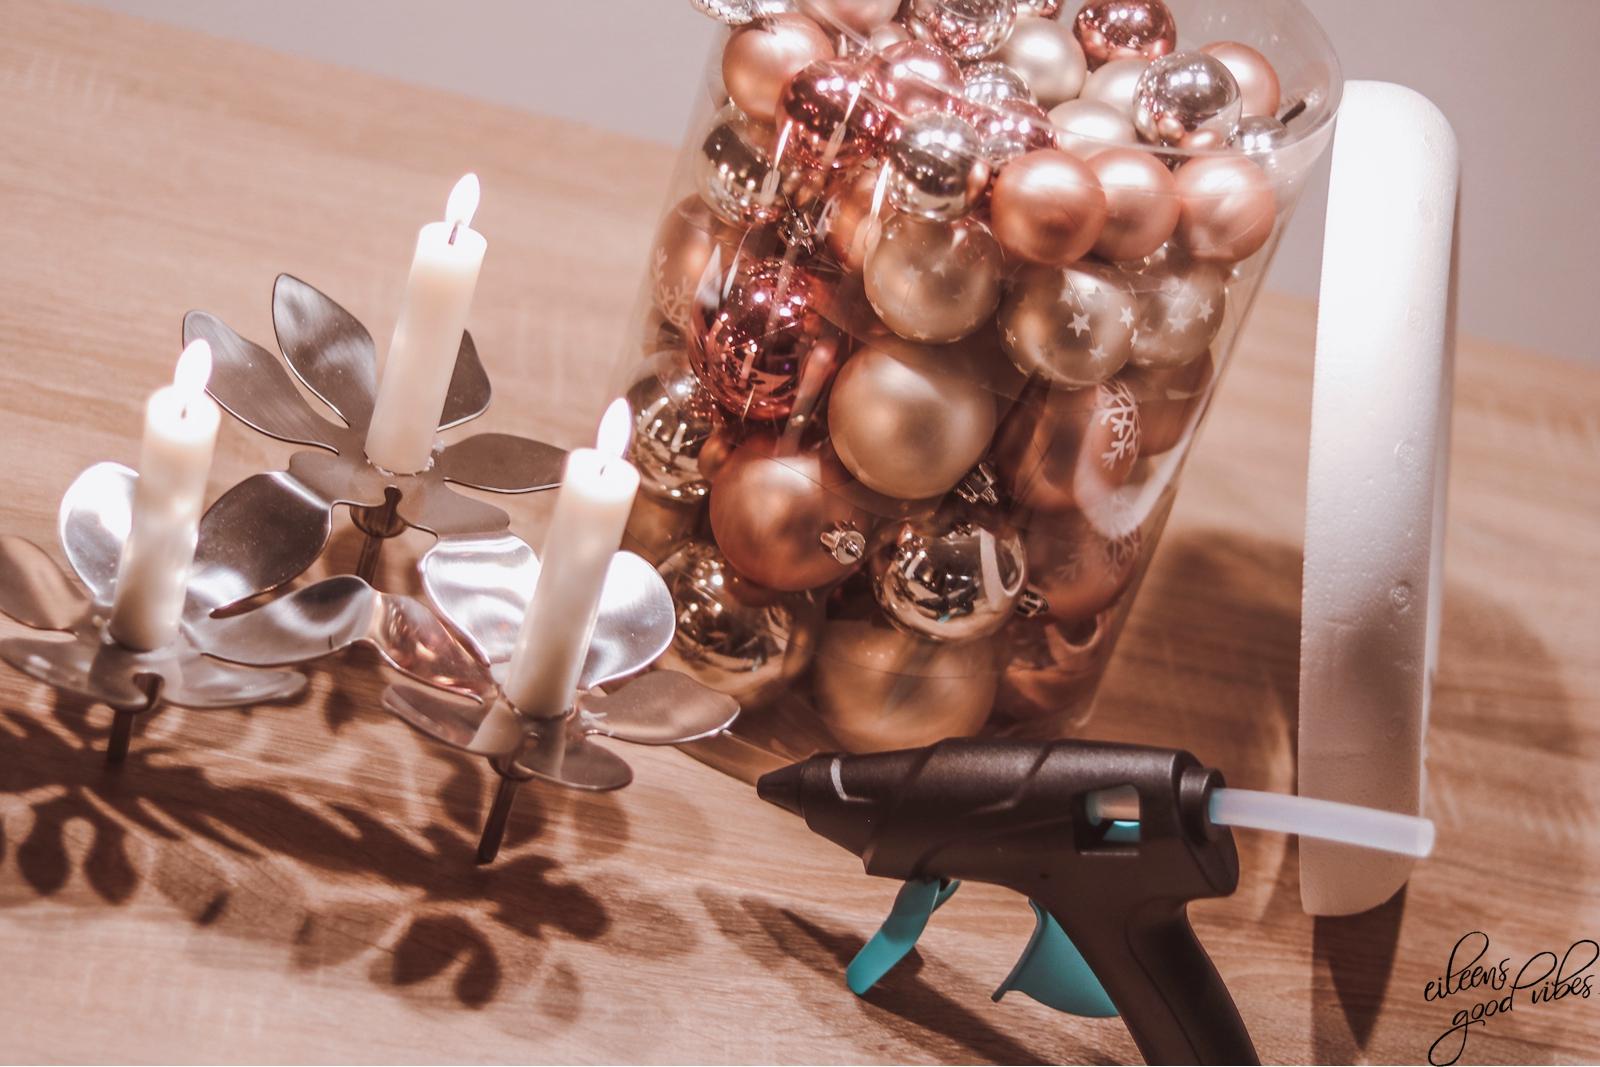 DIY Adventskranz Hygge Zubehör, eileens good vibes